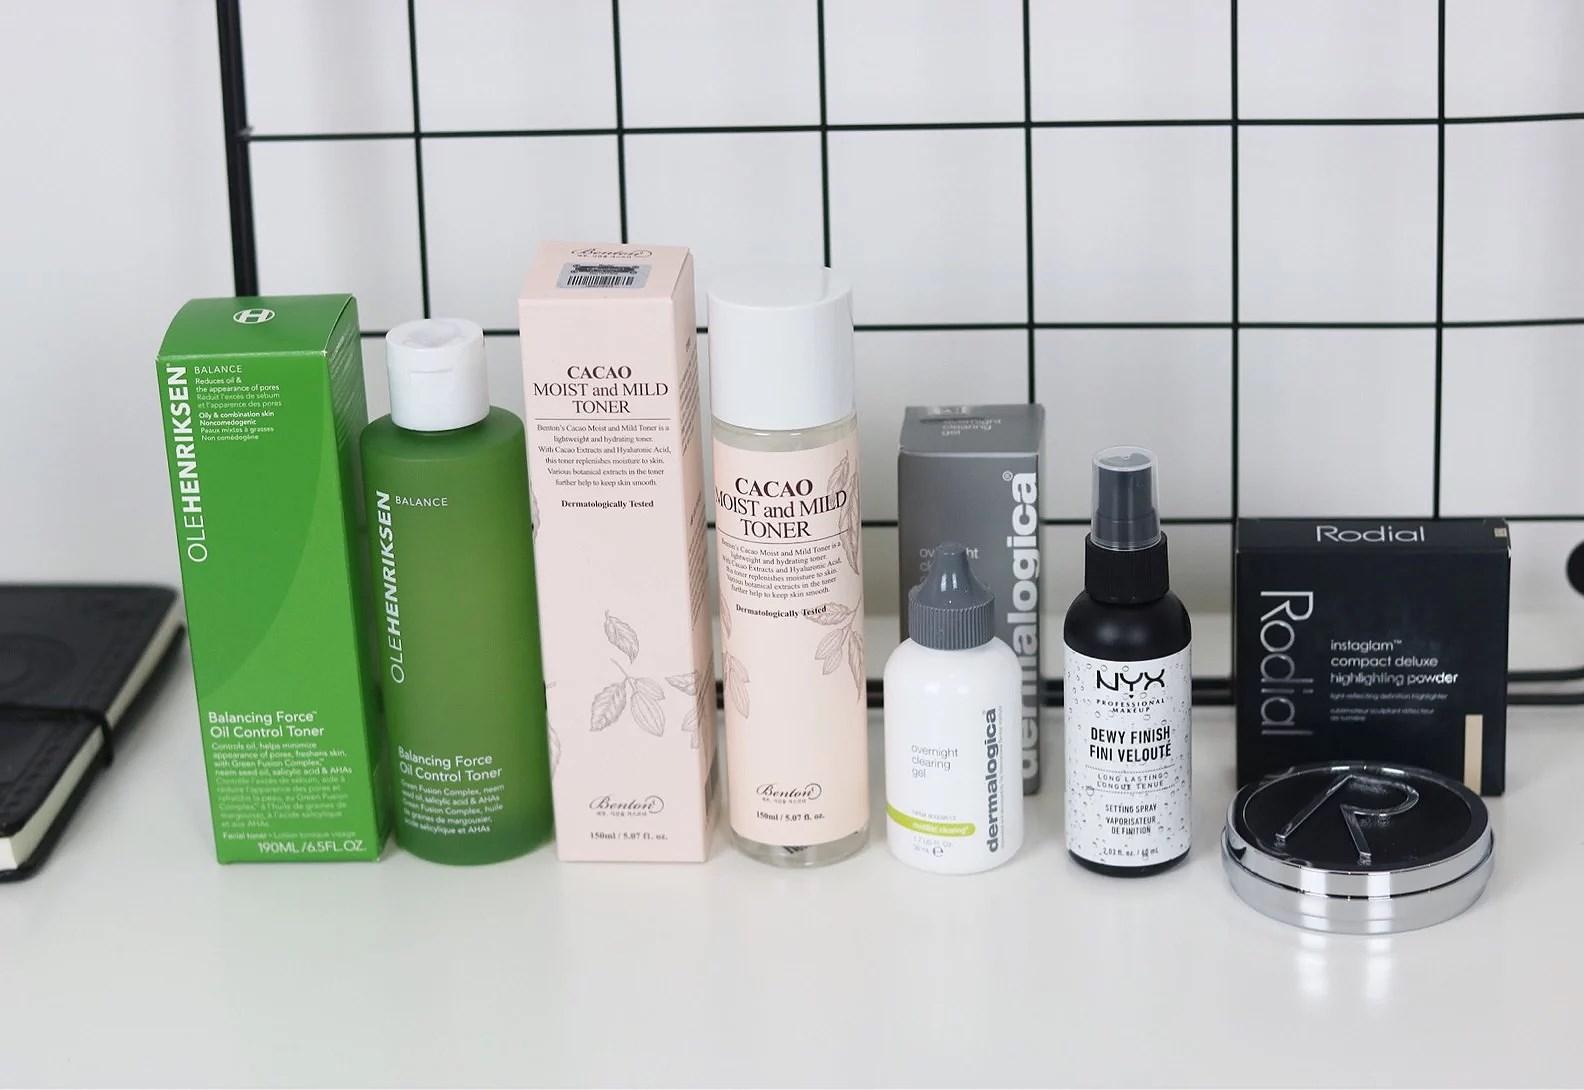 produkter från bangerhead